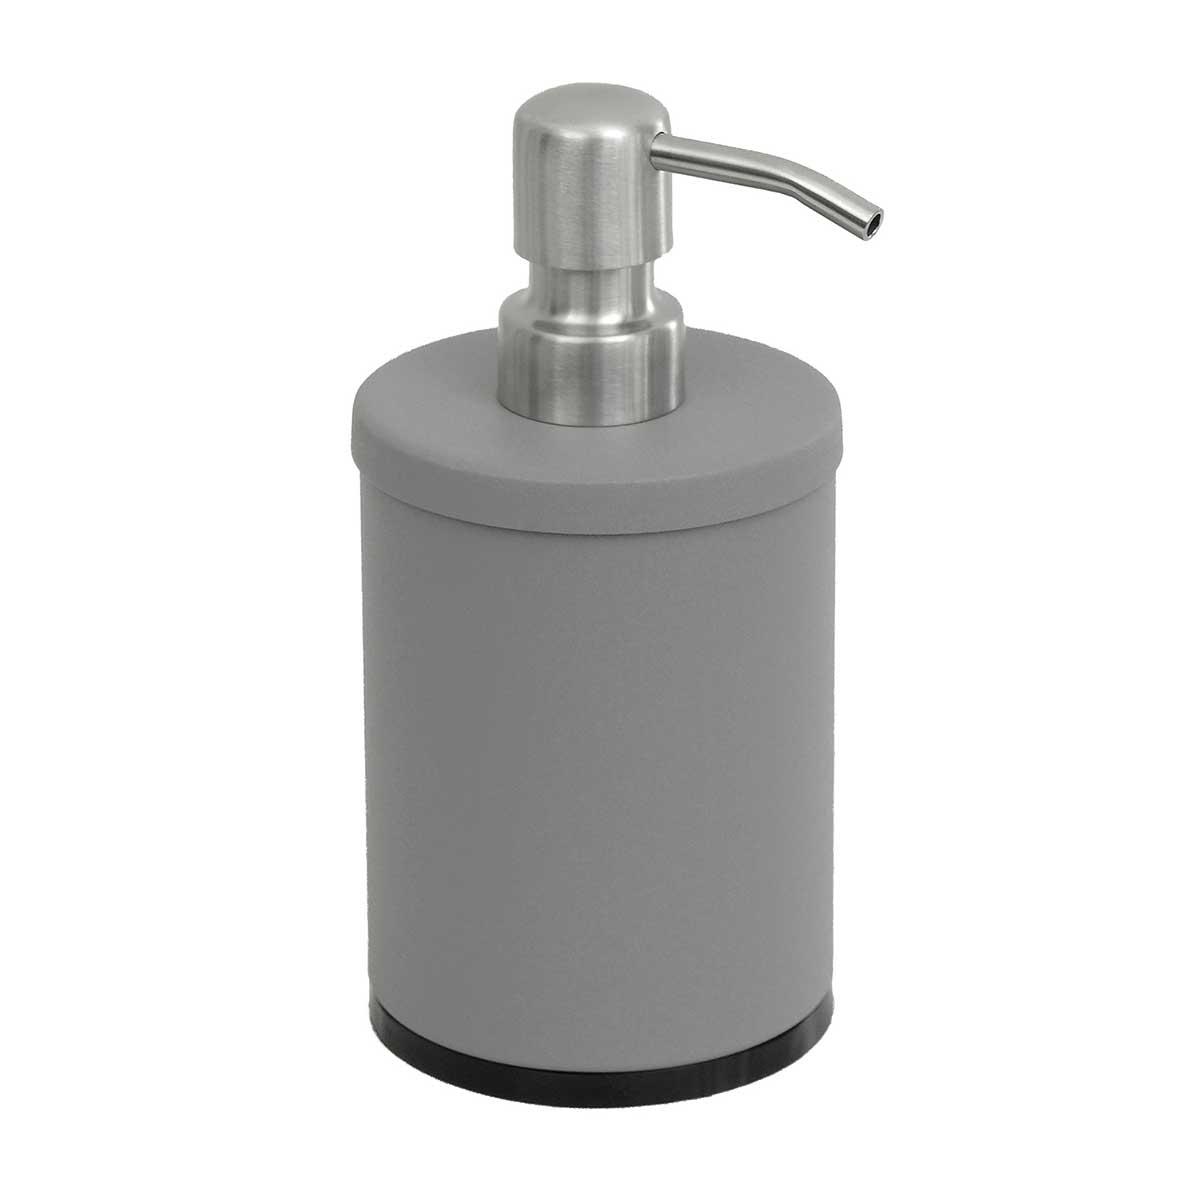 Δοχείο Κρεμοσάπουνου PamCo 90-163 Concrete Grey Matte